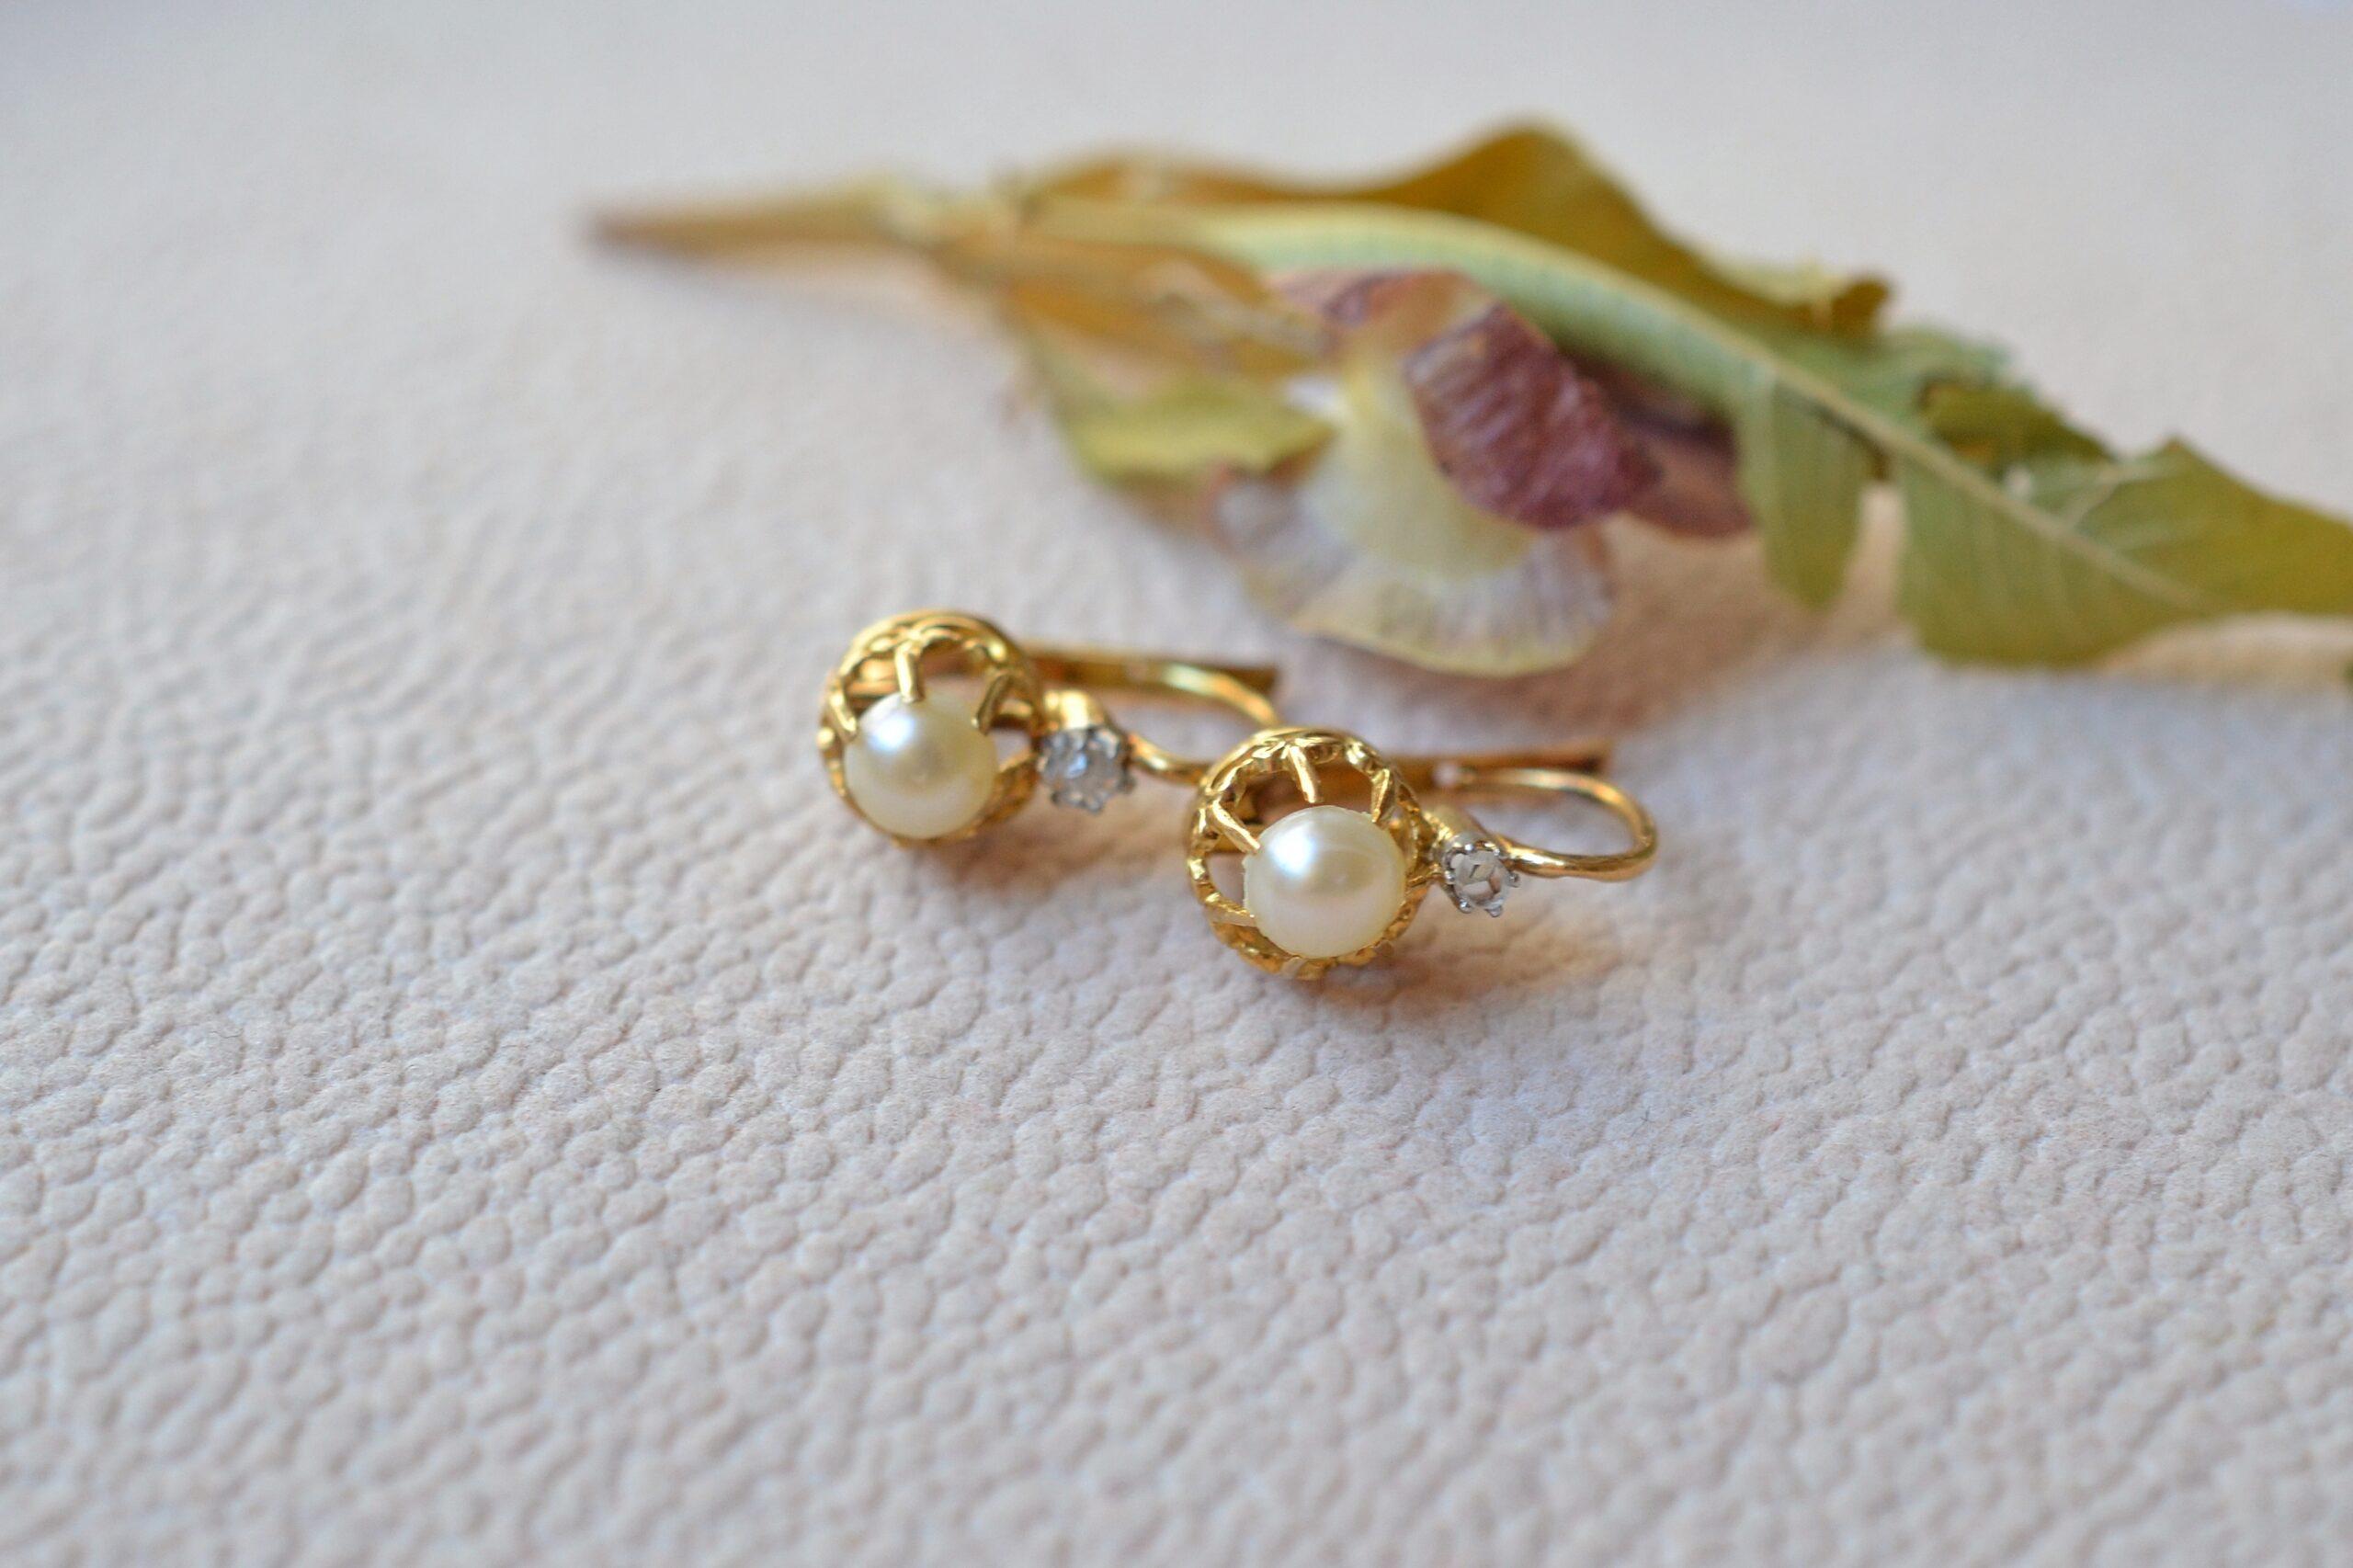 Dormeuses Perles et Diamants boucles d oreilles vintage et ethique